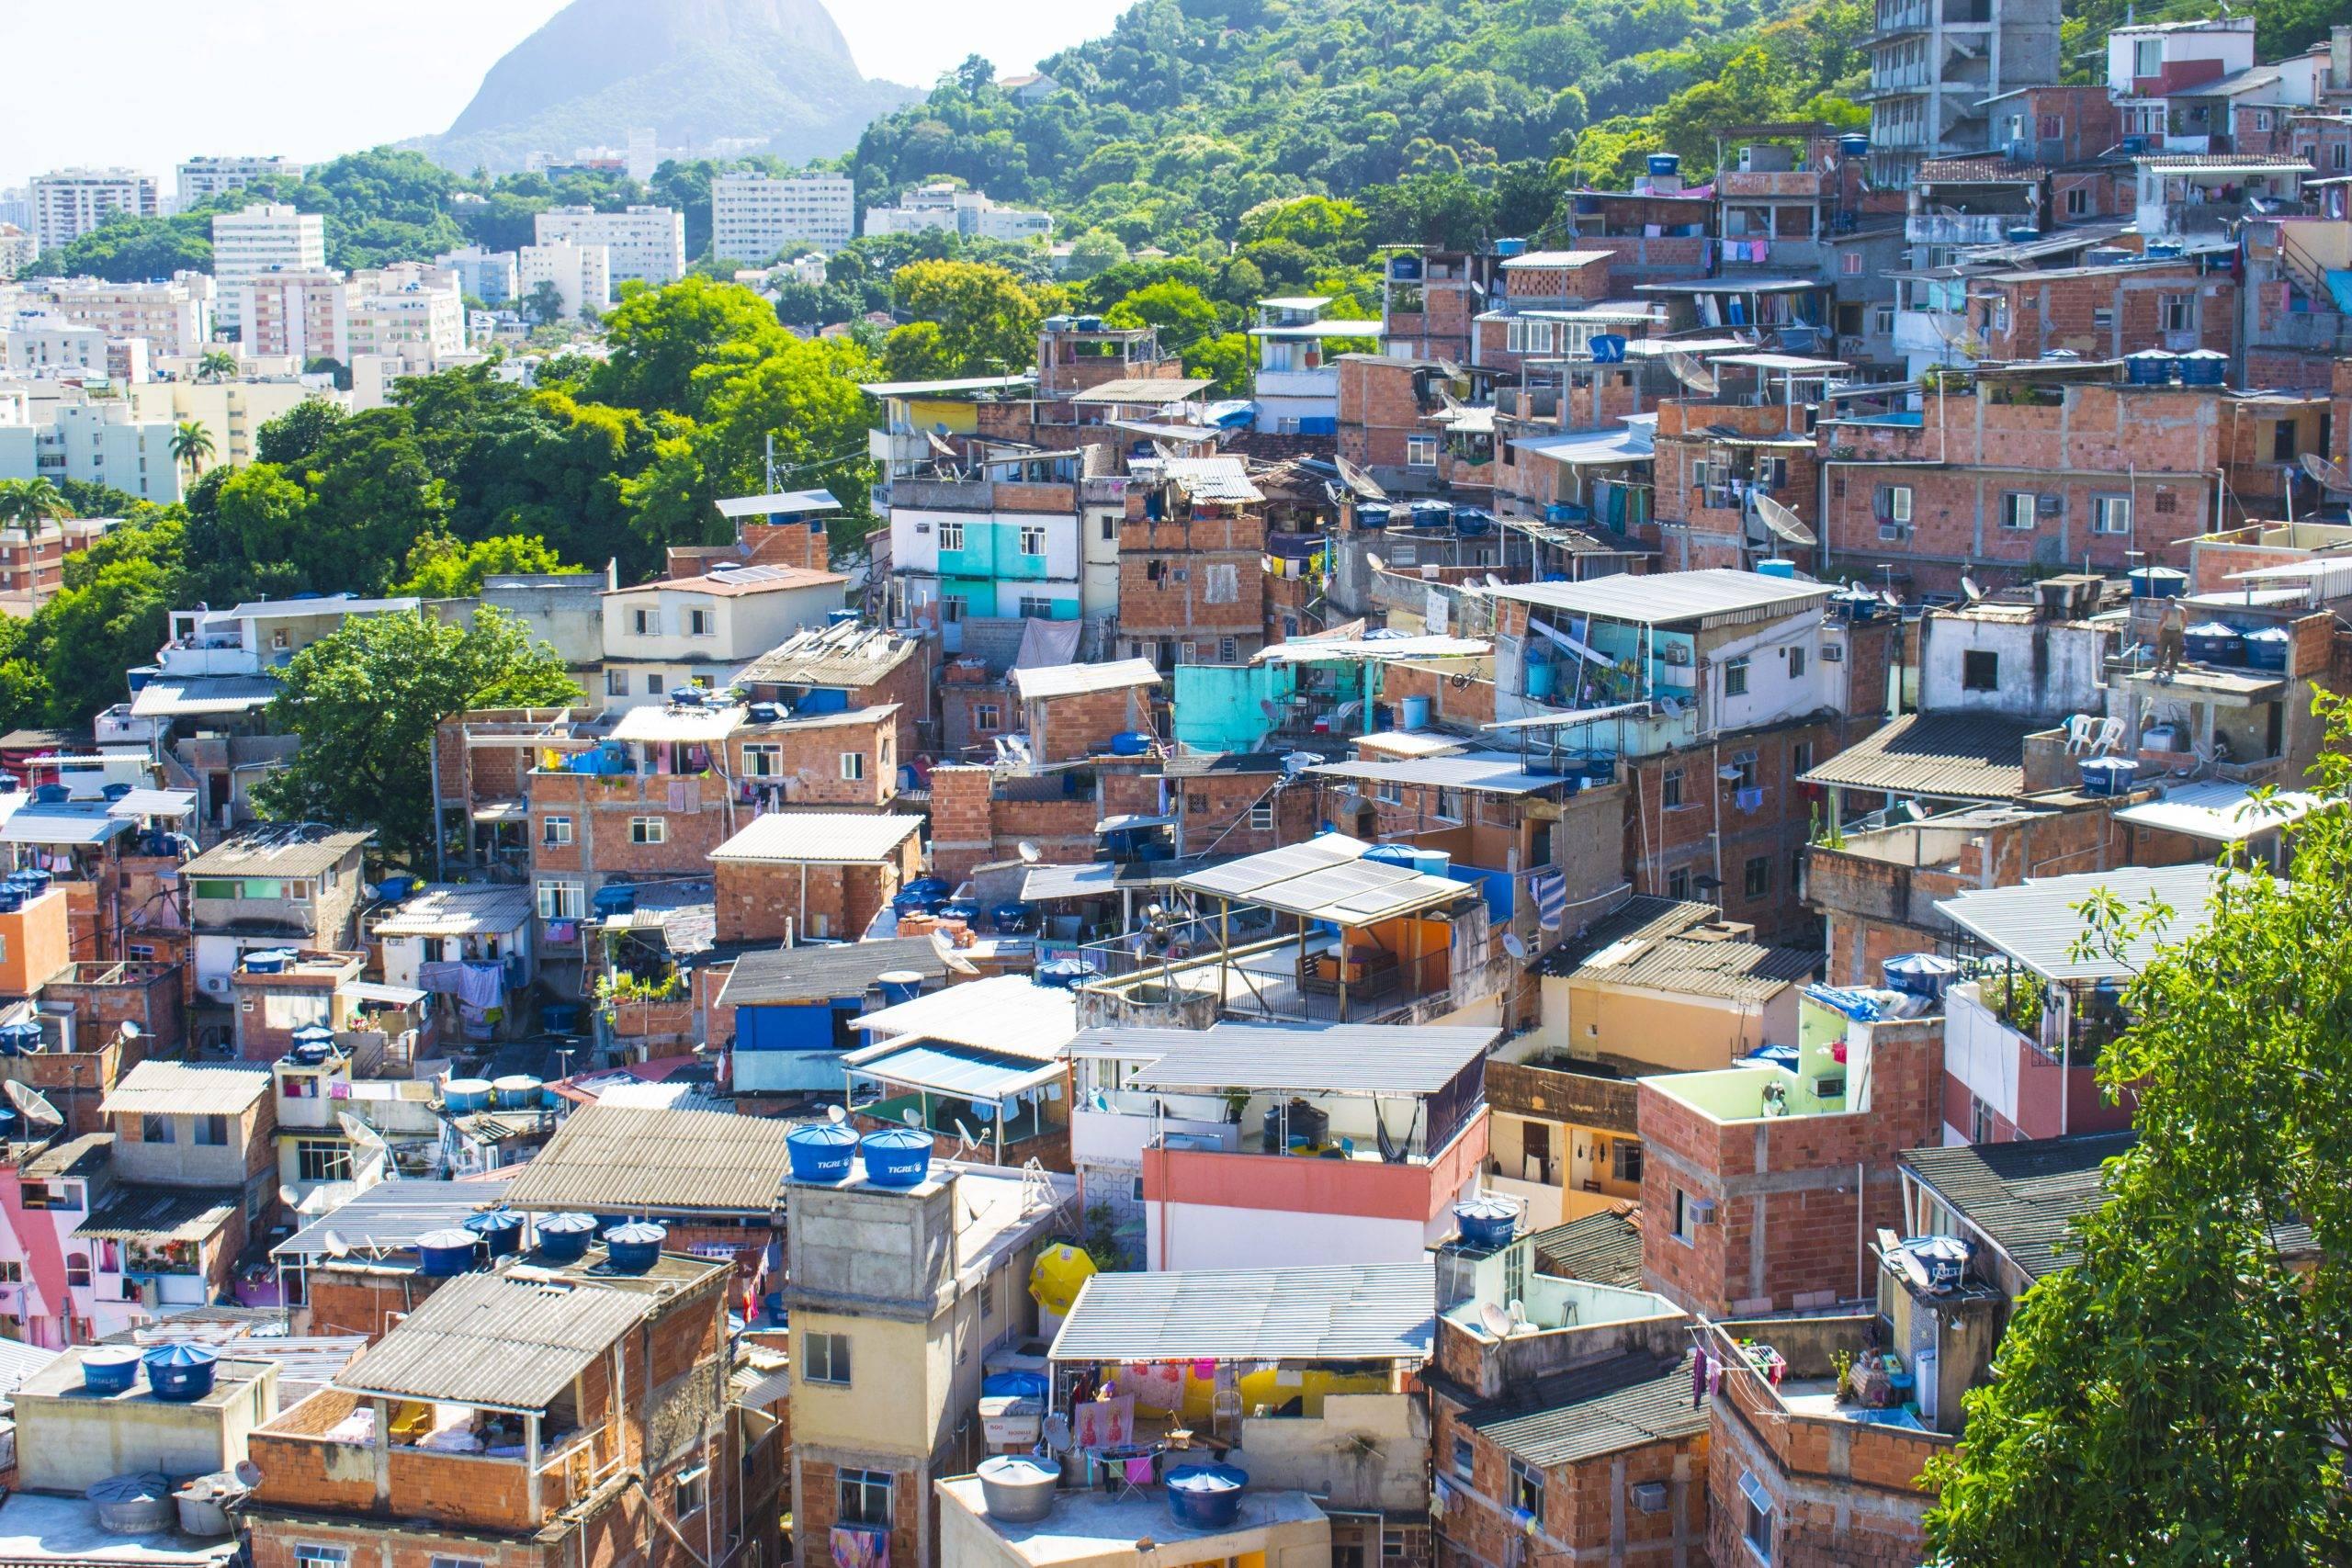 visitare le favelas di Rio: consigli utili